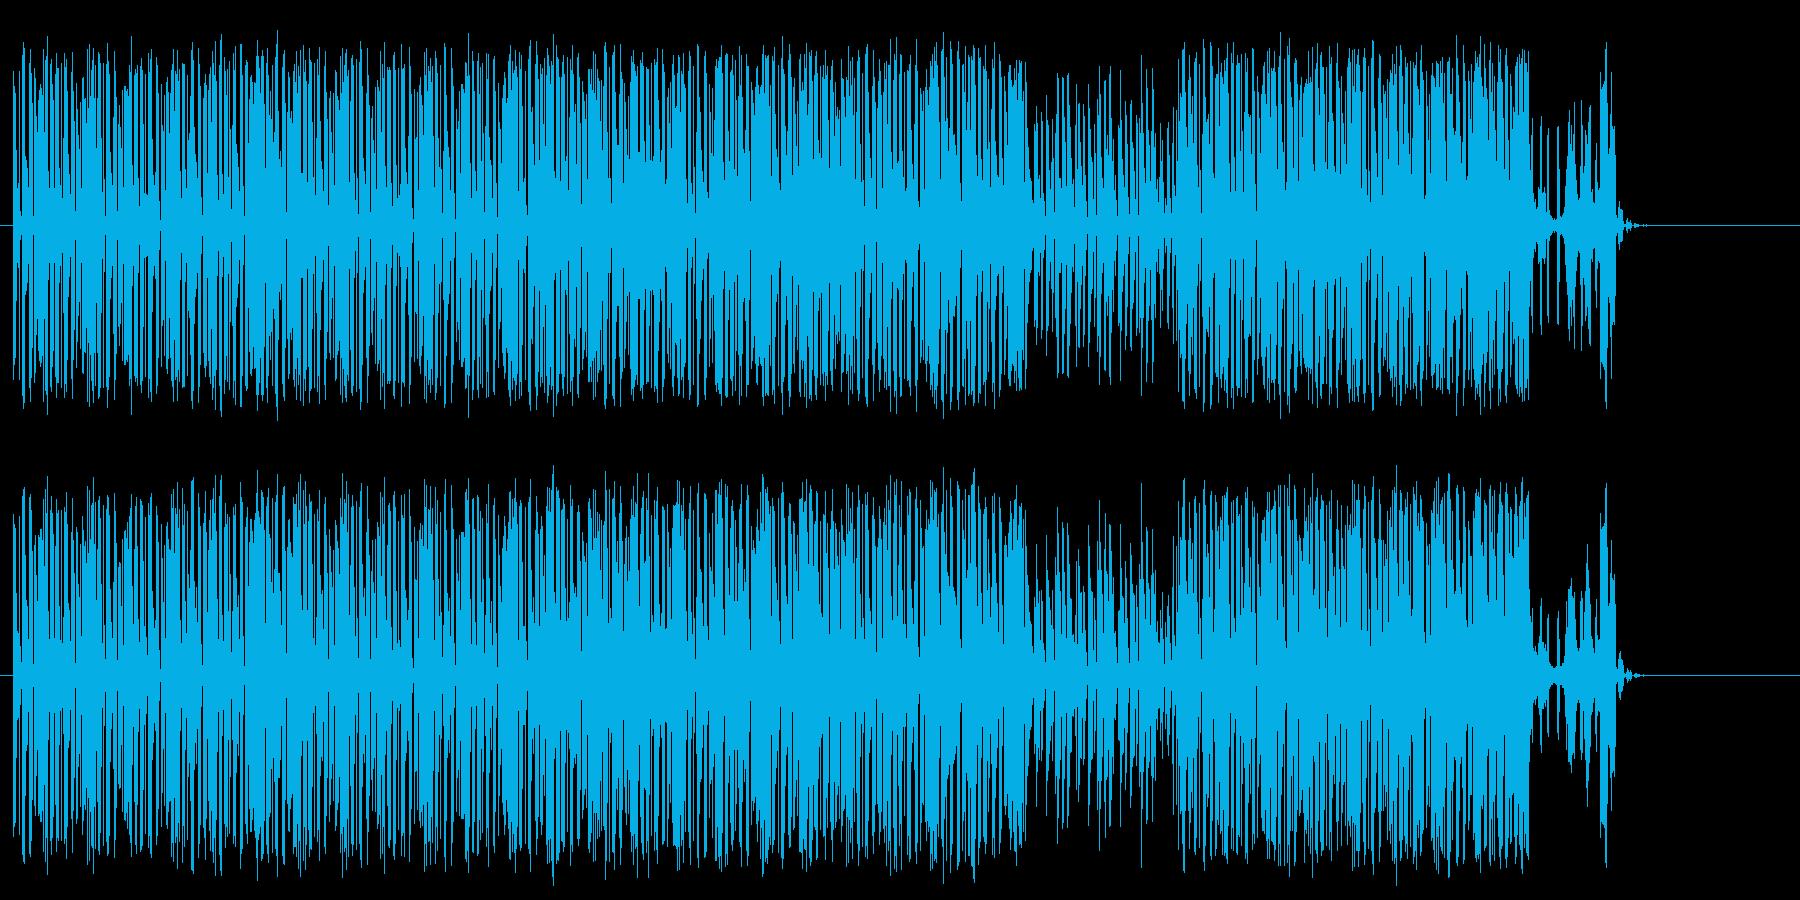 楽しい 忙しい 青空 コミカル はつらつの再生済みの波形